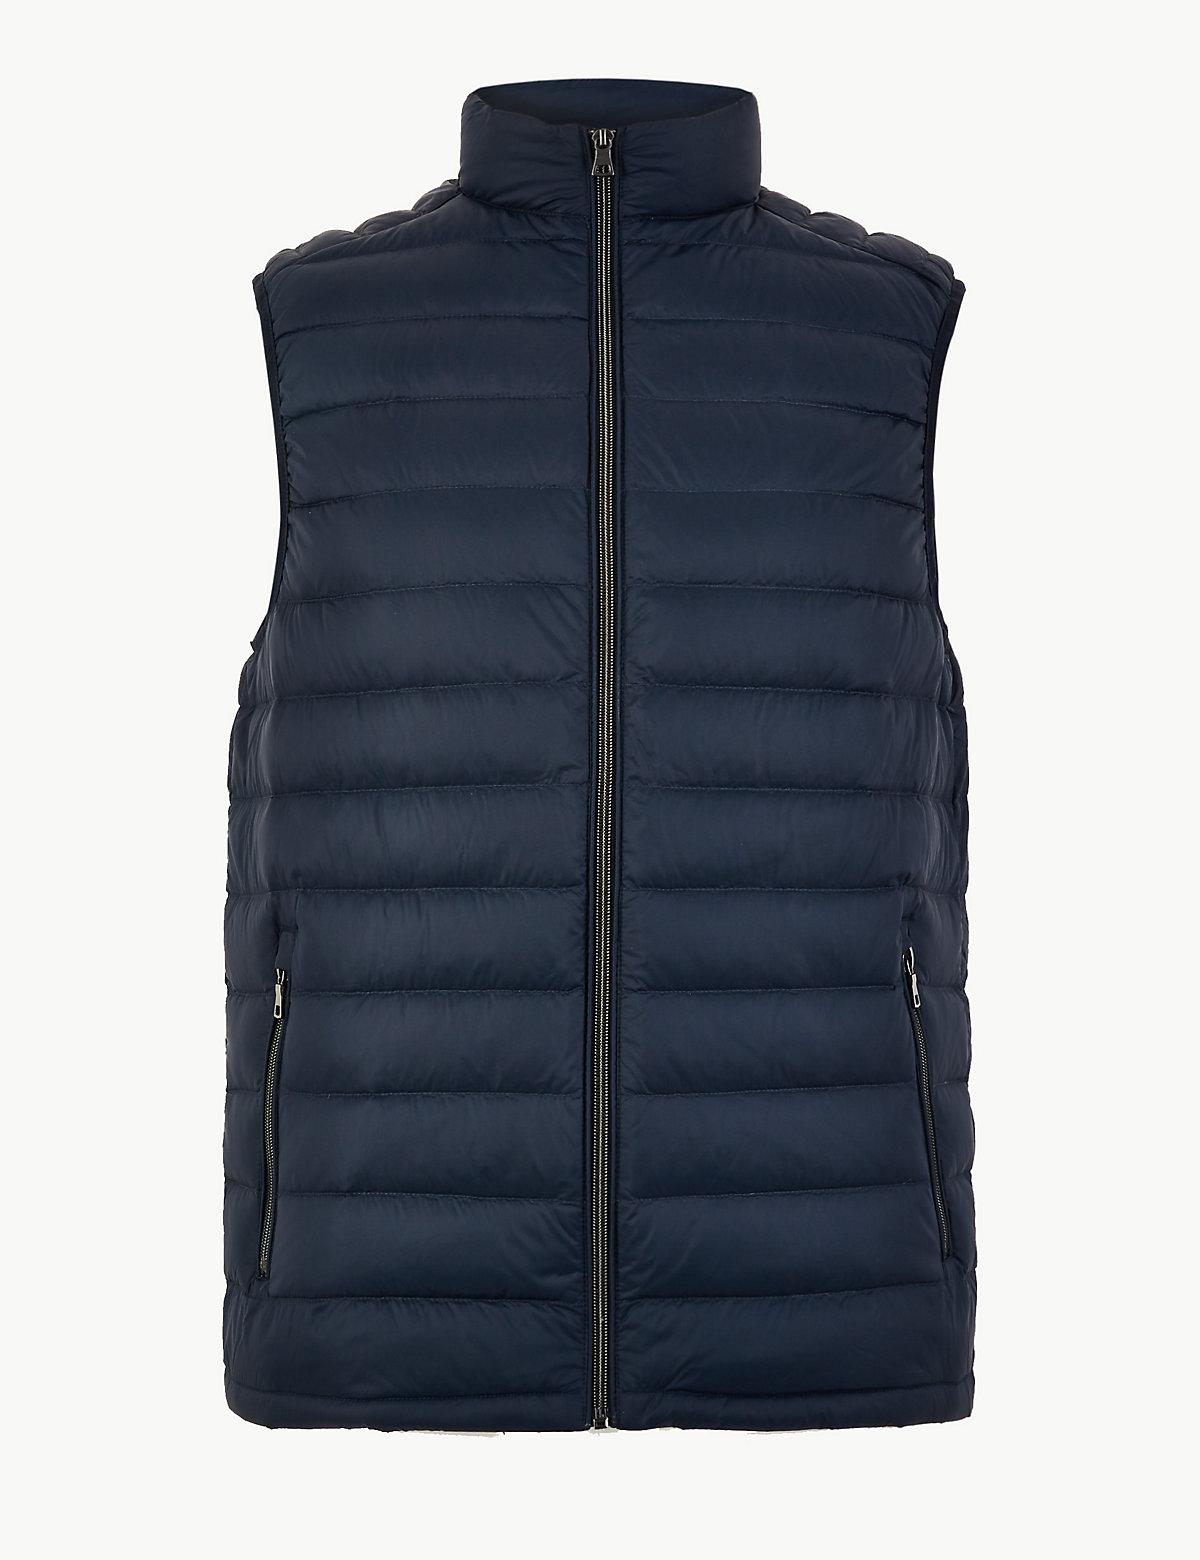 Мужской жилет с технологией Stormwear™ M&S Collection. Цвет: темно-синий